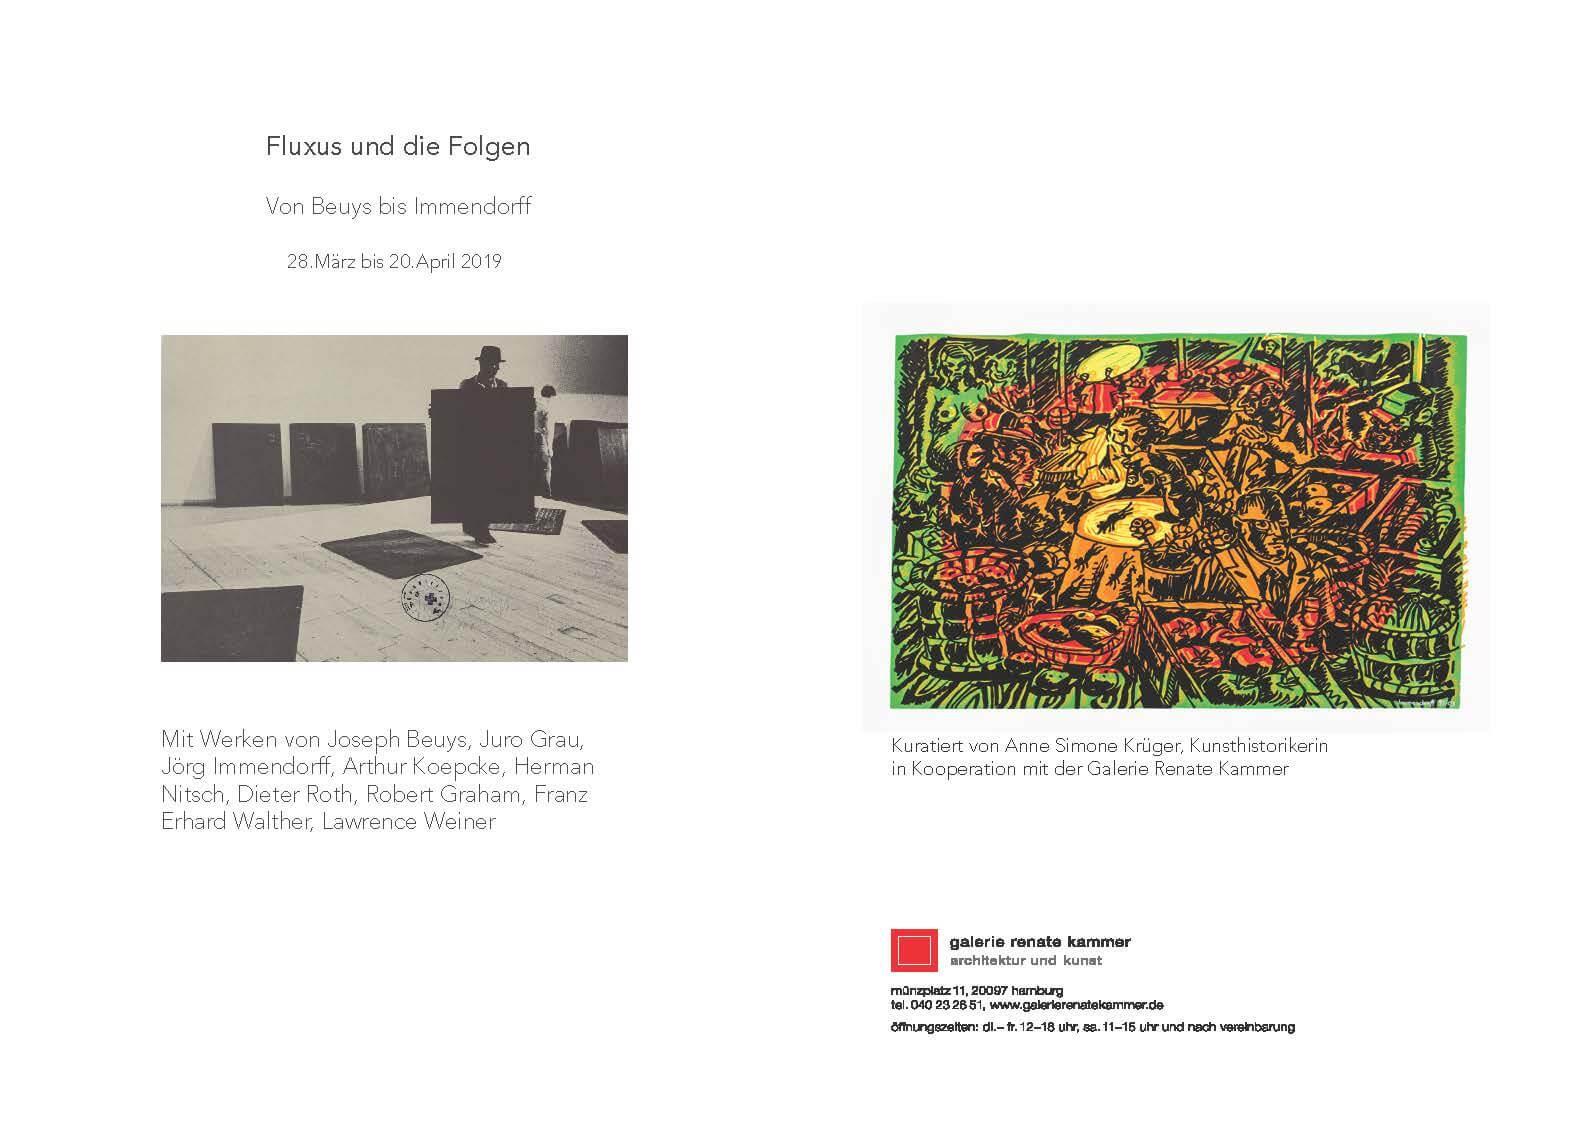 Fluxus und die Folgen – Art Talk